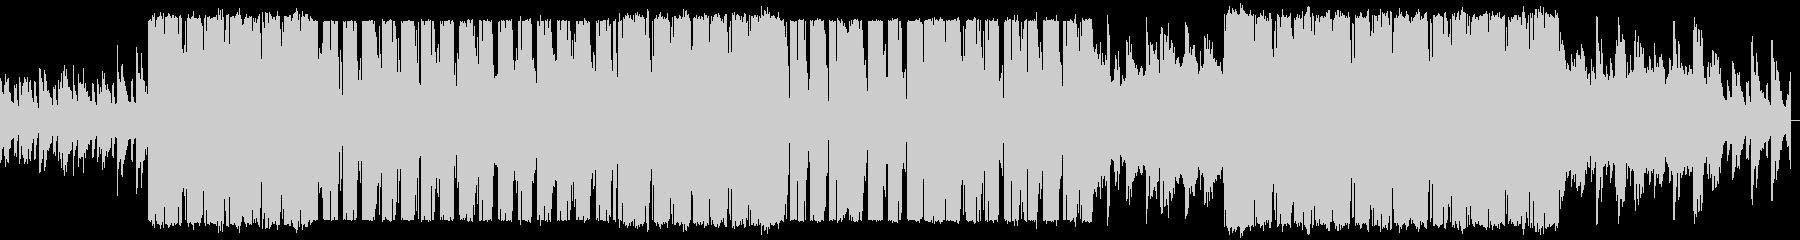 【歌モノ男】アコギのラブバラード調の未再生の波形